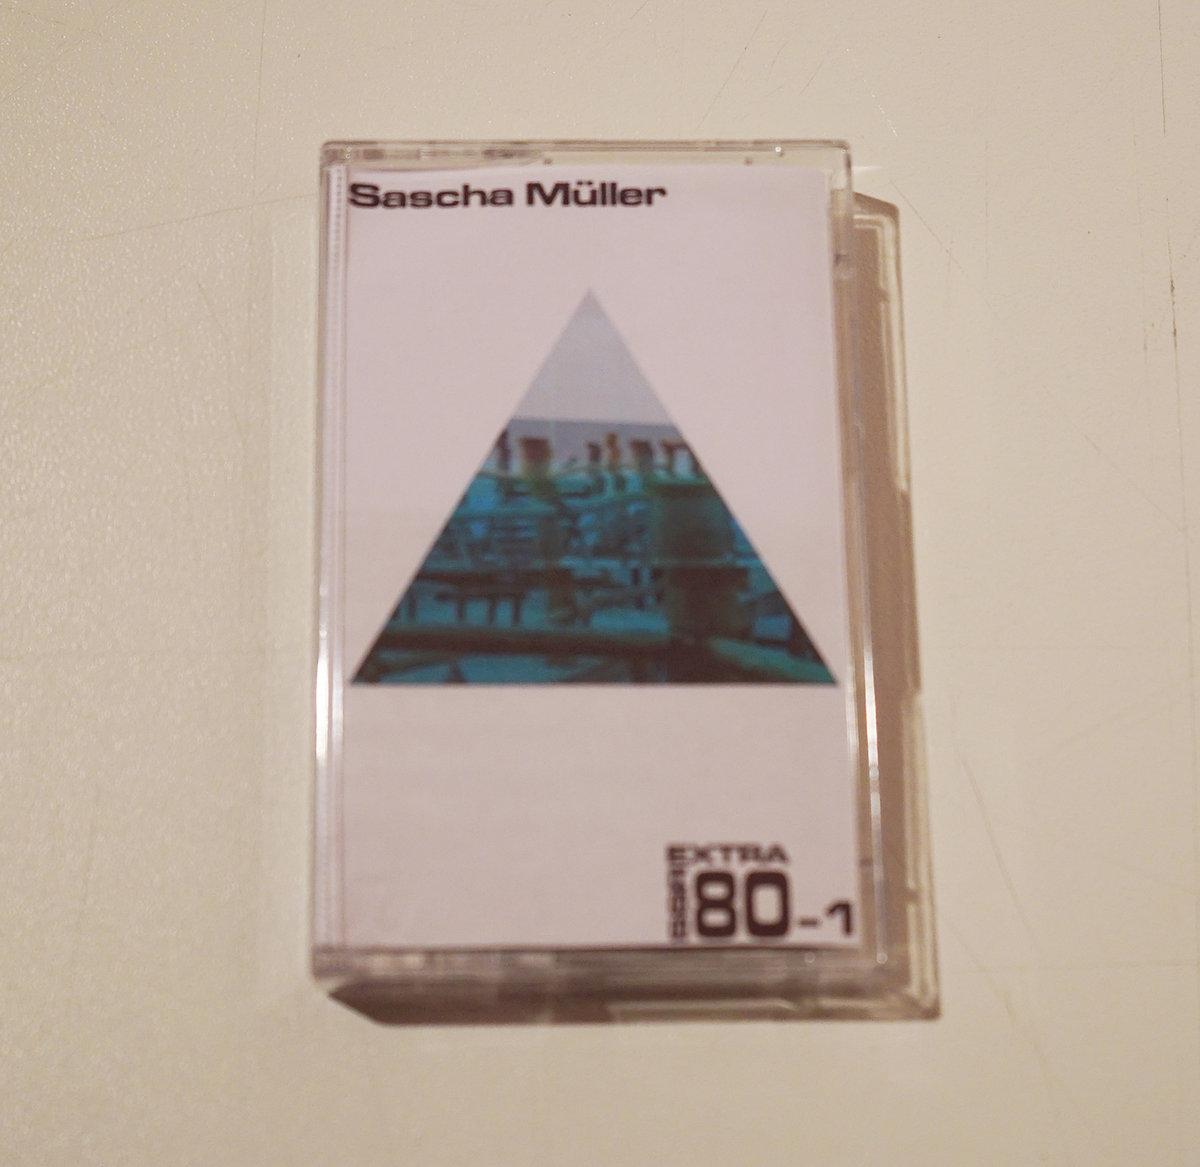 SSREXTRA80-1 | Sascha Müller